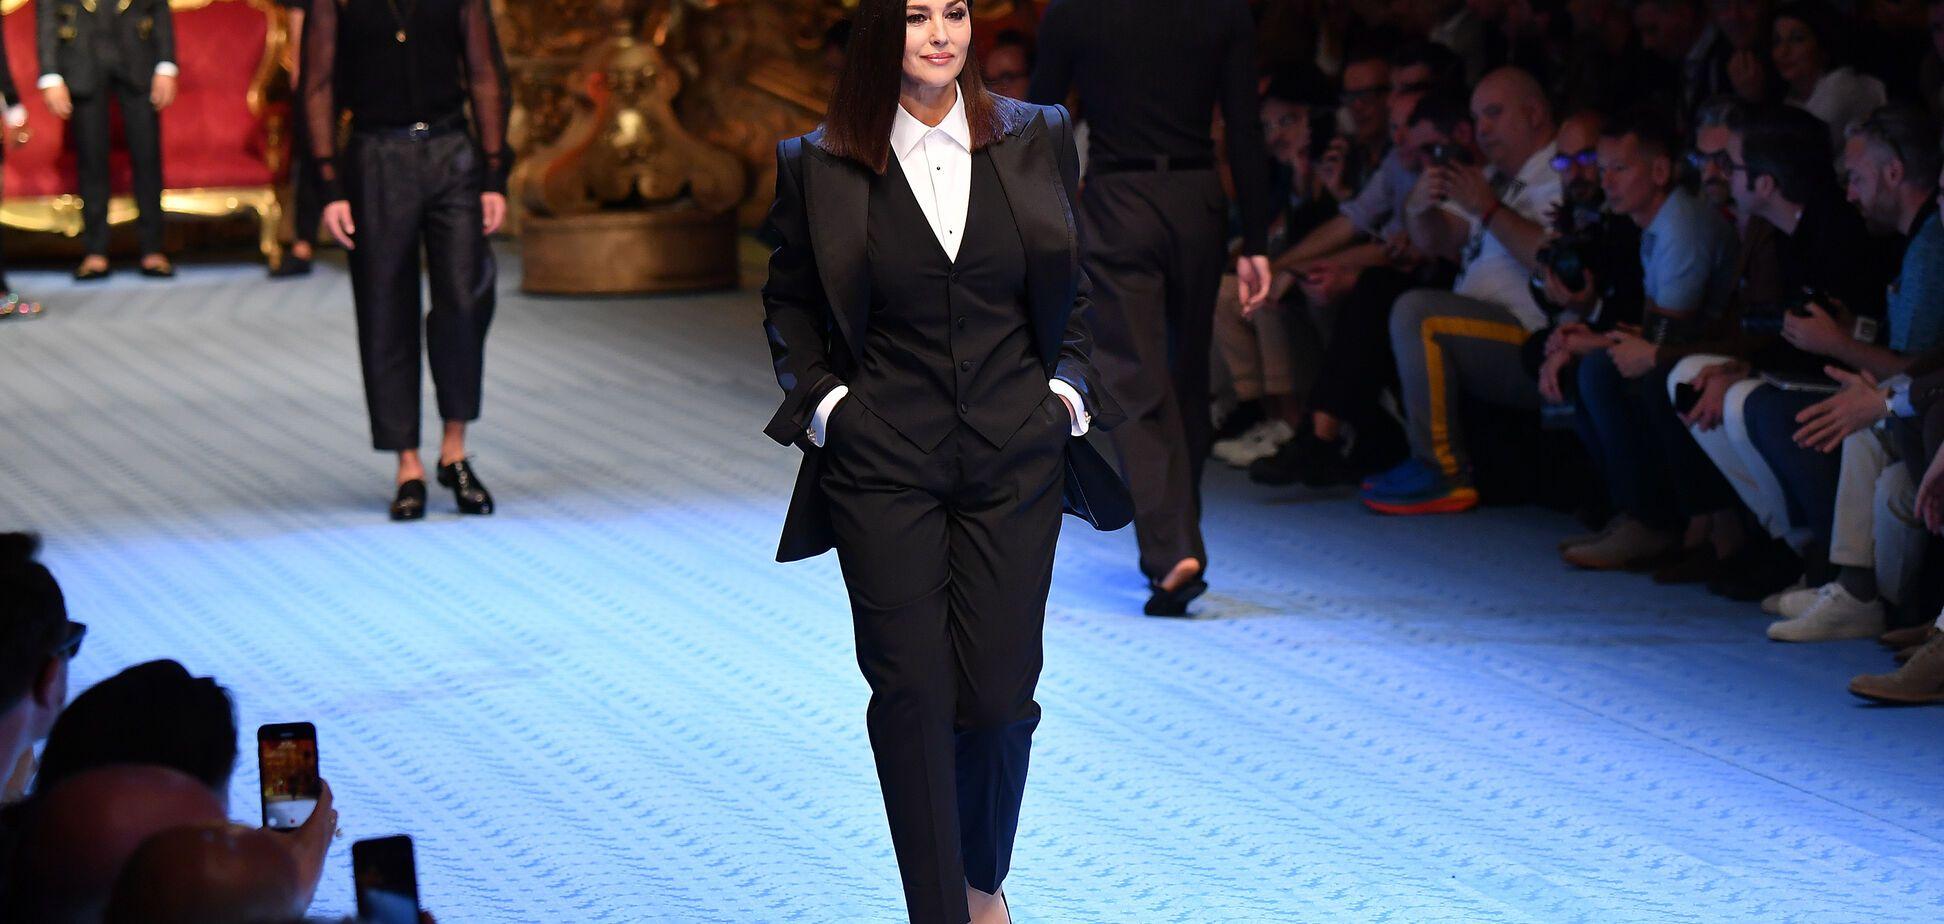 Впервые за 20 лет: Моника Беллуччи вышла на подиум показа Dolce & Gabbana